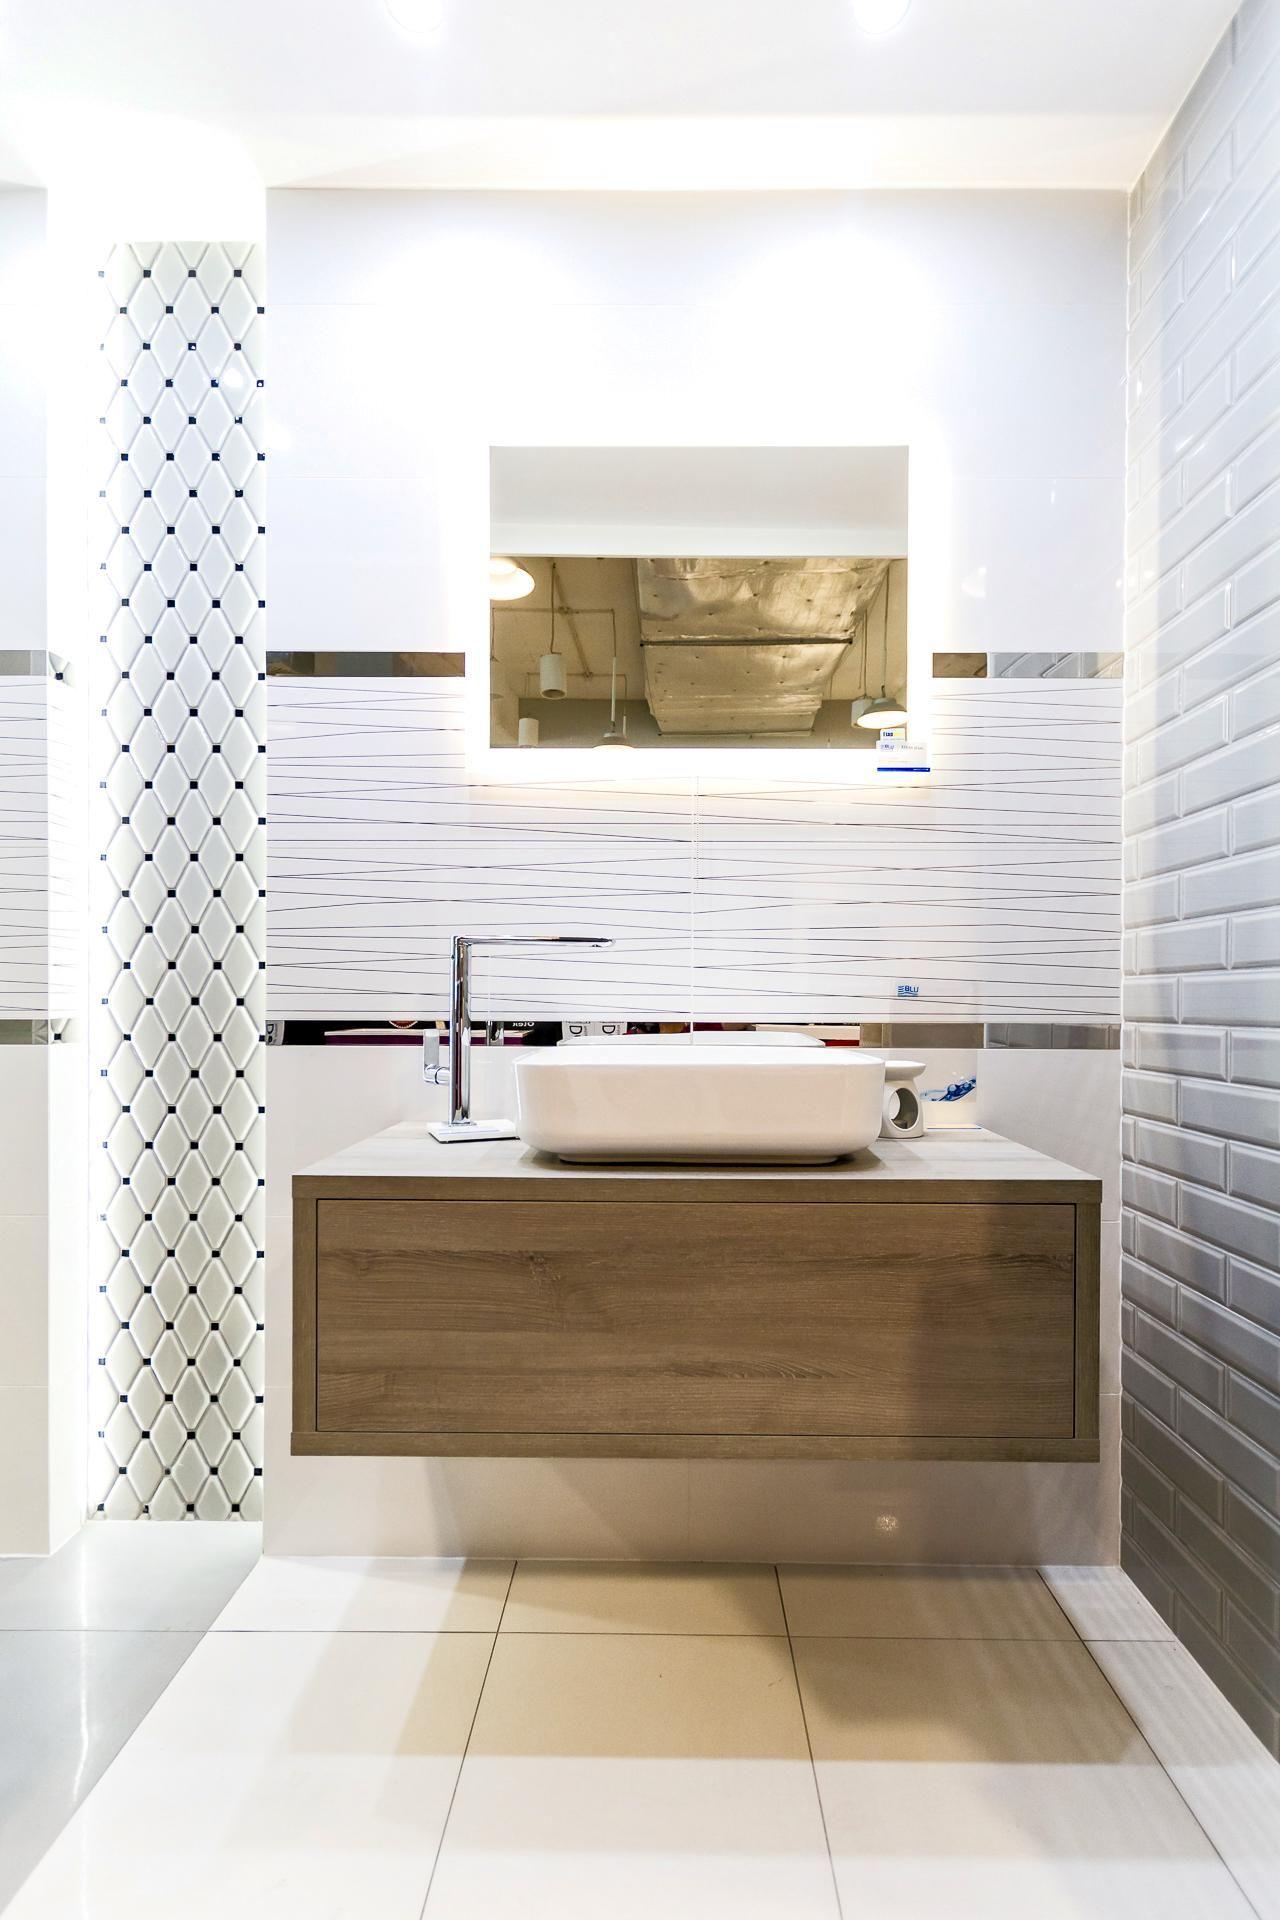 Nowoczesna łazienka W Eleganckim Stylu Inspiracje W 2019